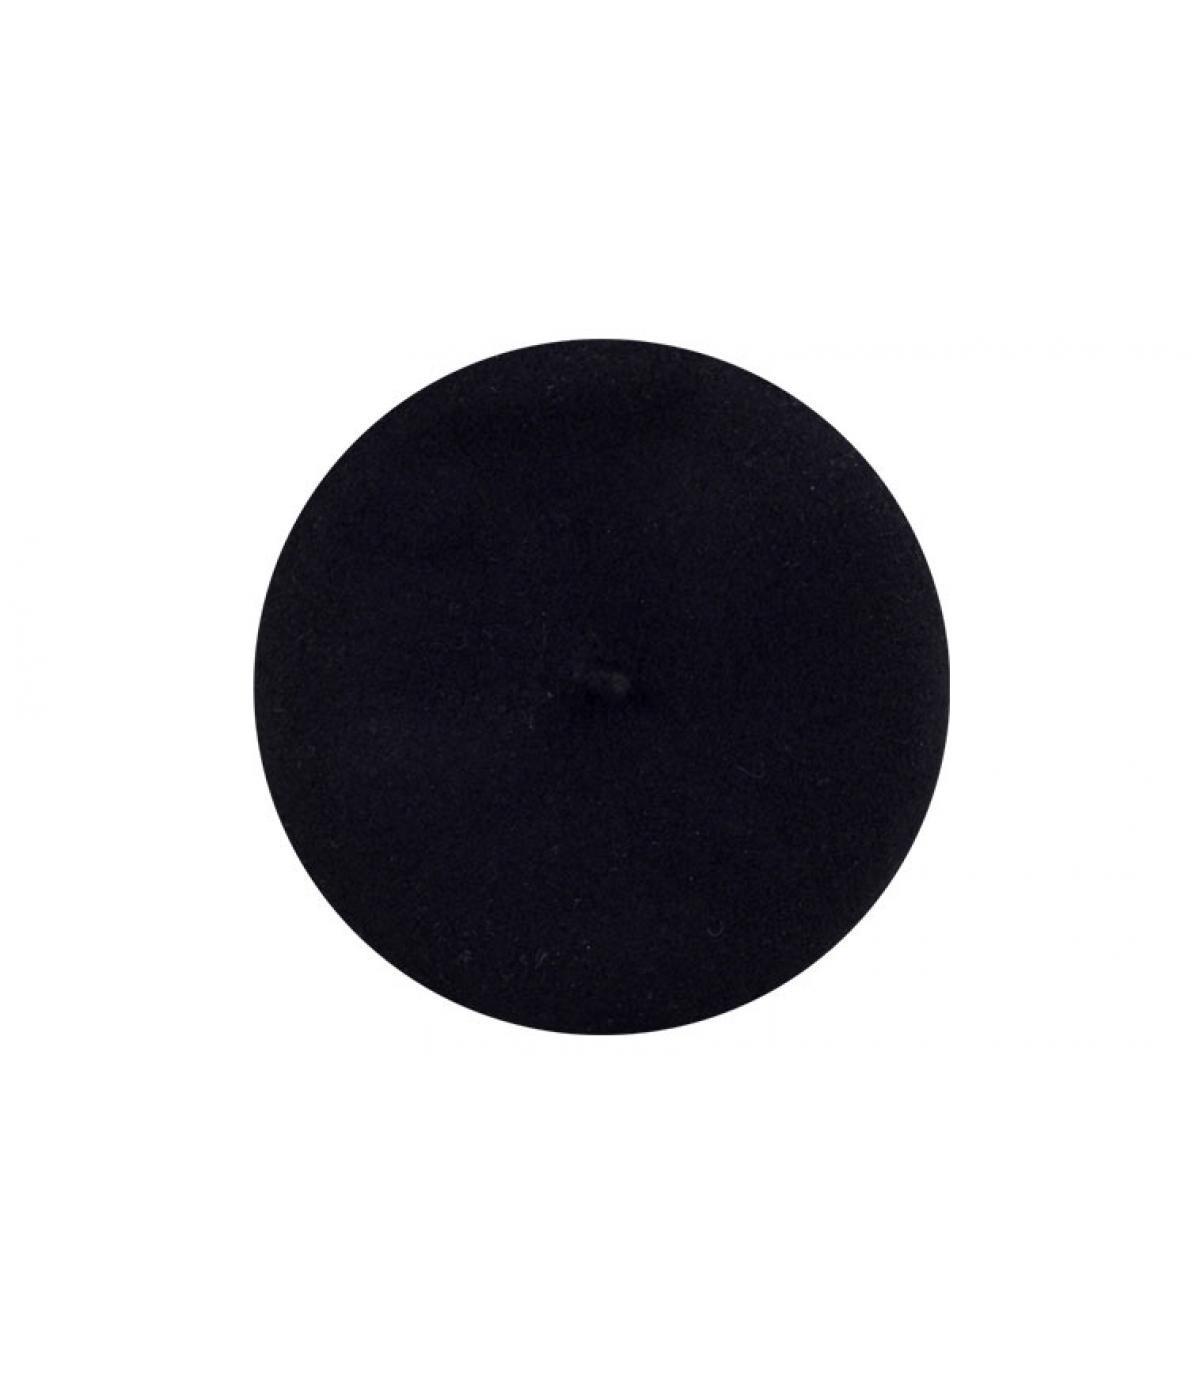 Détails Parisienne black - image 2